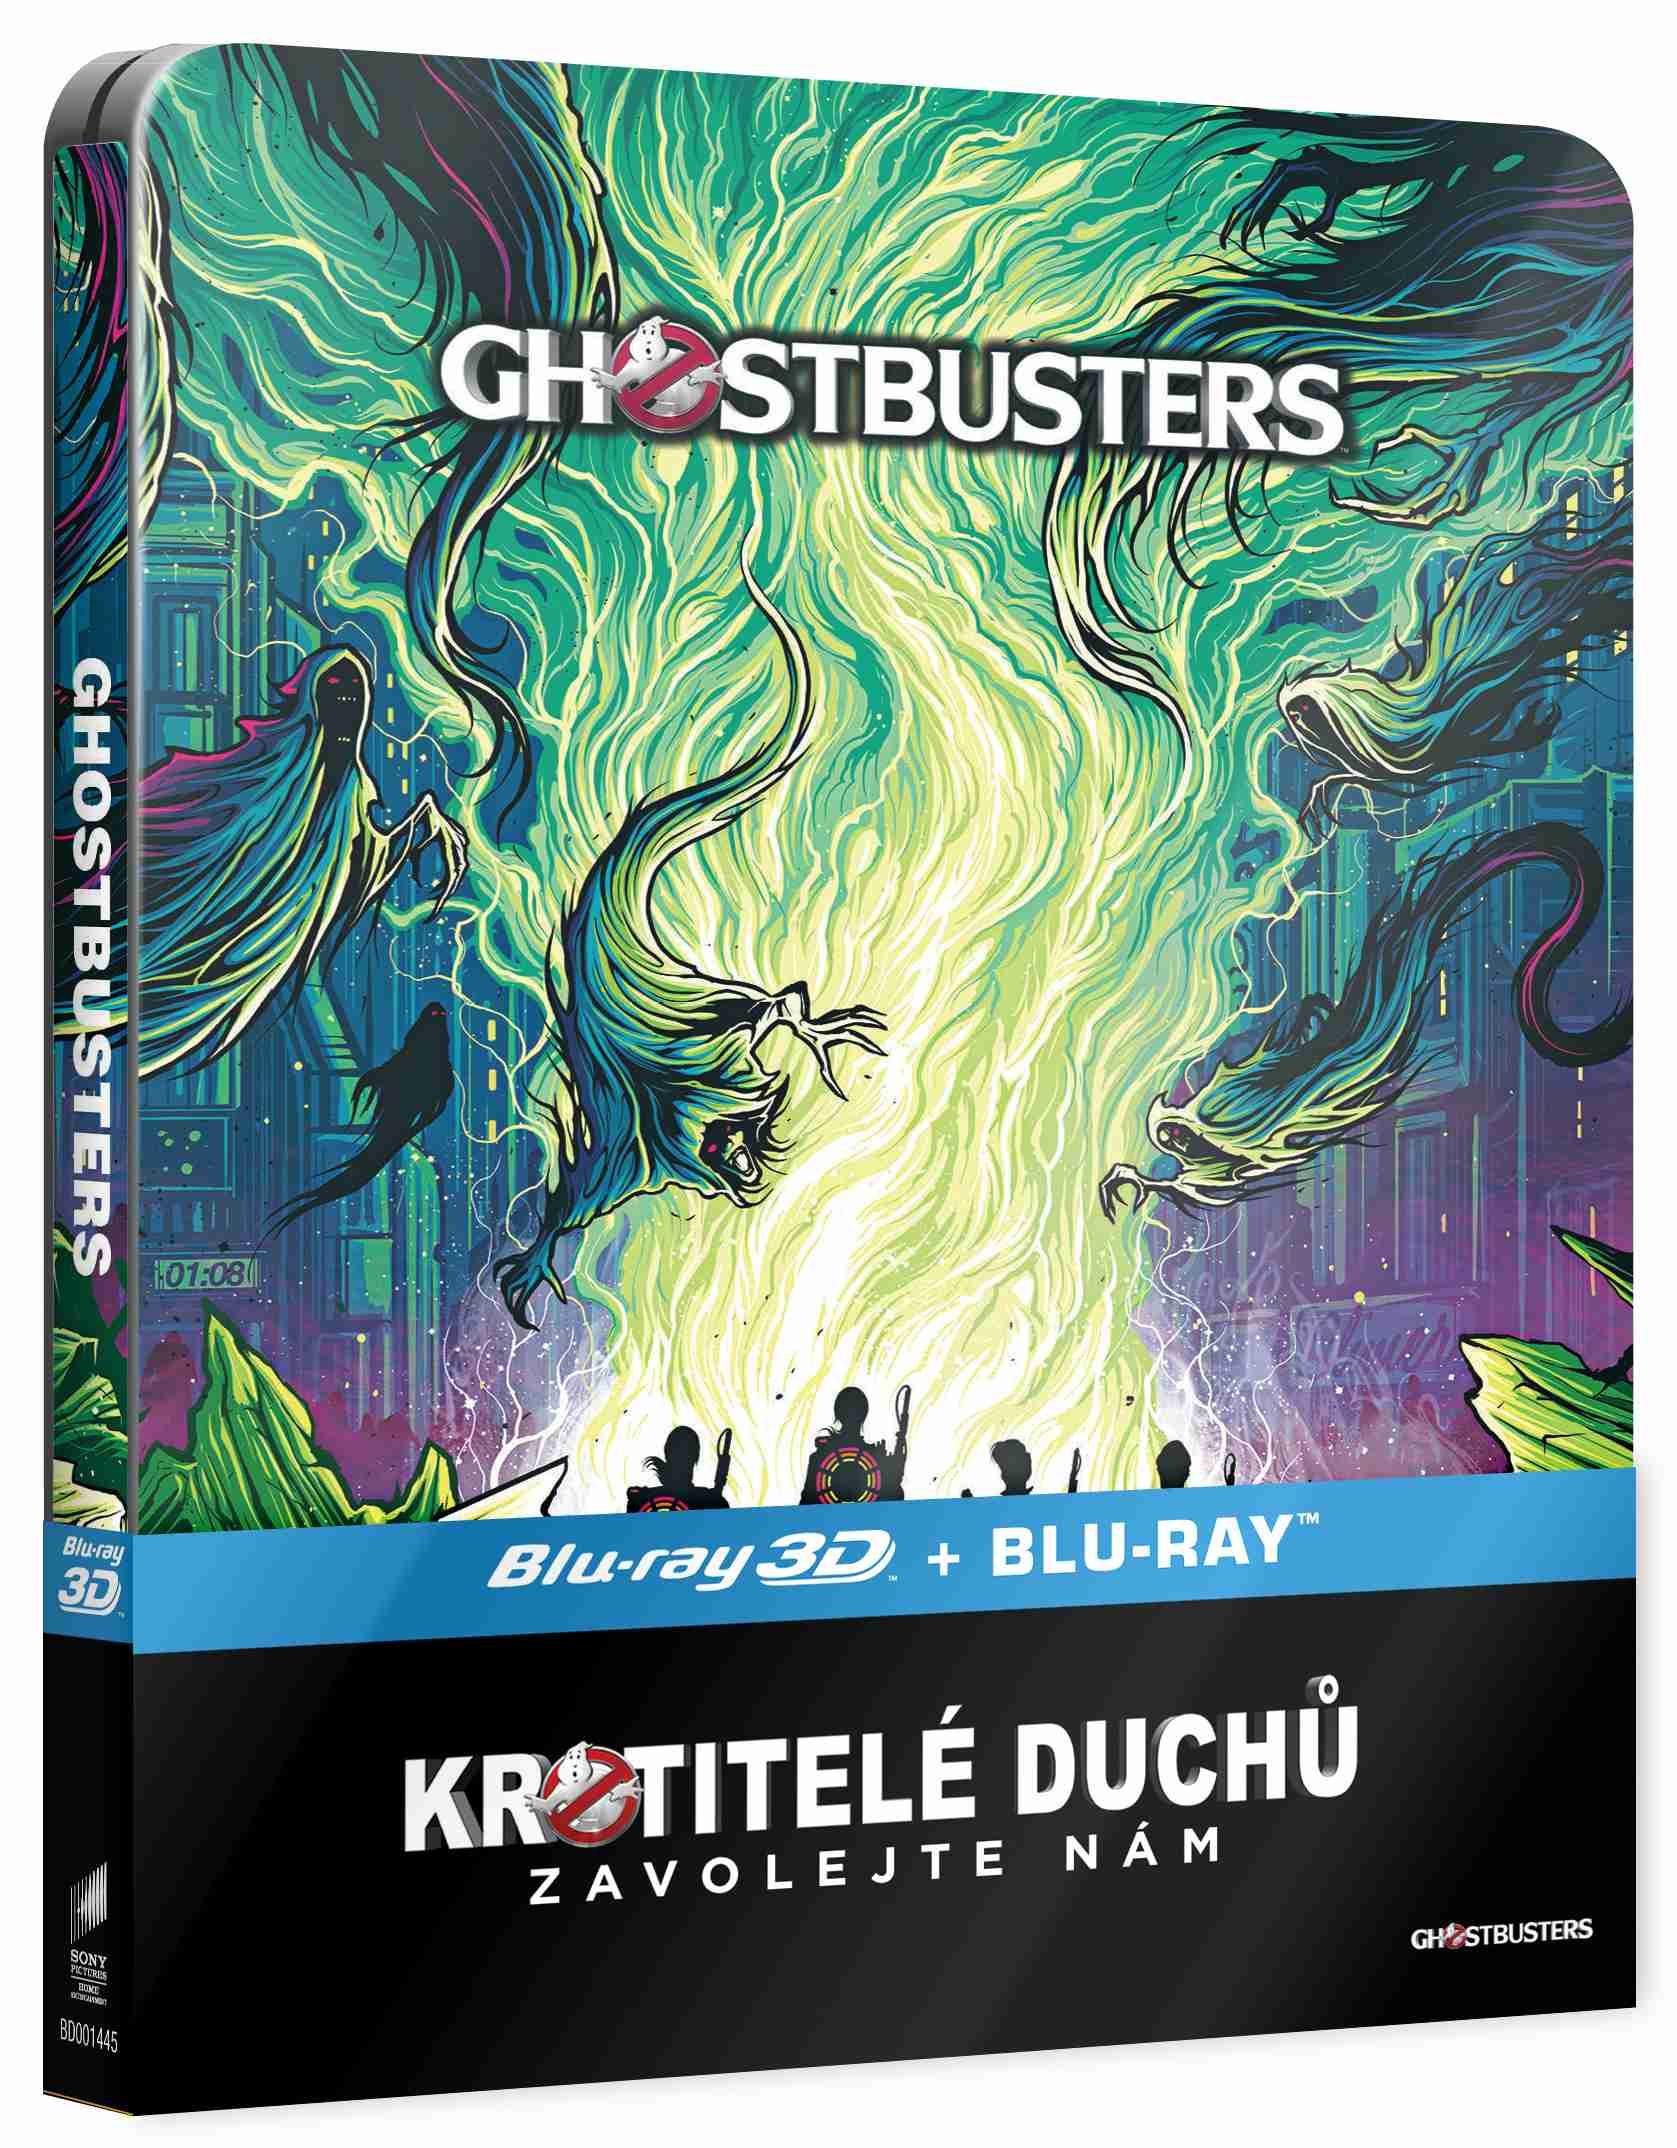 KROTITELÉ DUCHŮ (2016, 2 BD) - Blu-ray 3D + 2D STEELBOOK